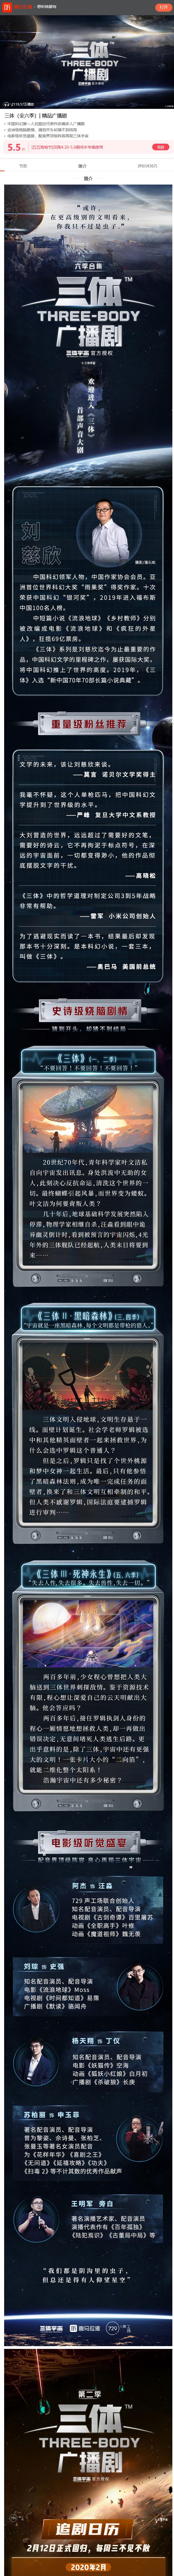 【更新】【喜马拉雅】《三体(全六季)》͏  第1张